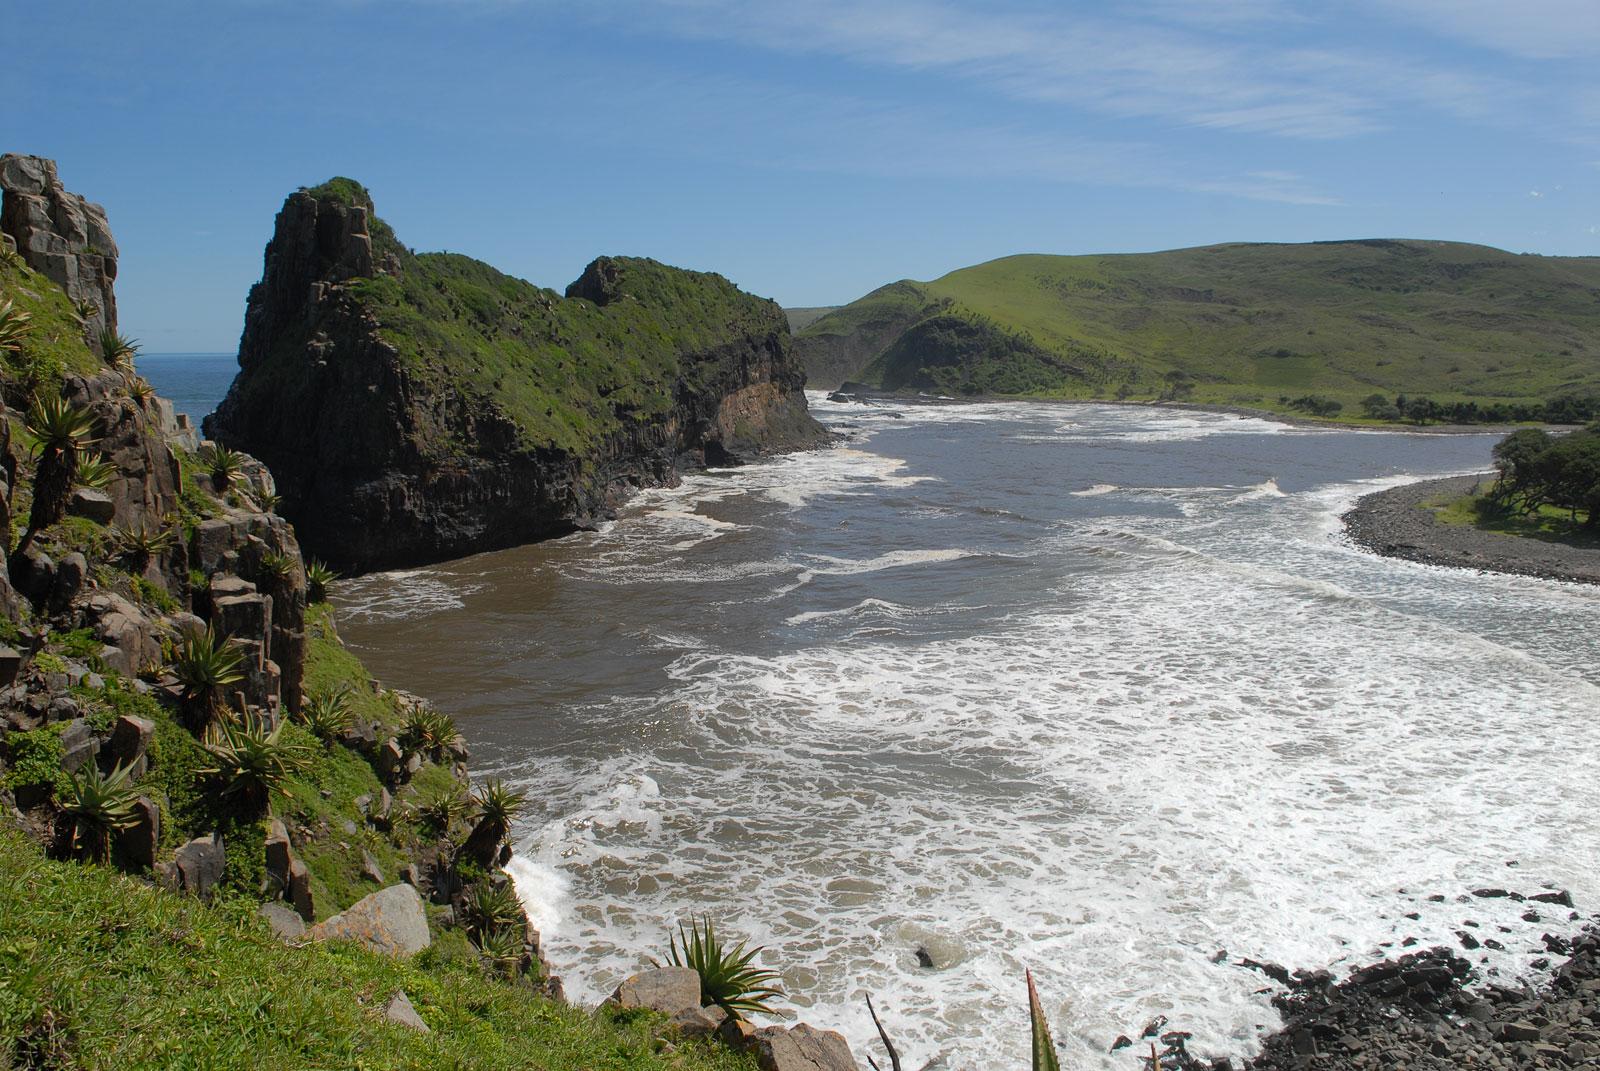 De rand van het landschap van de Wild Coast in Zuid Afrika.